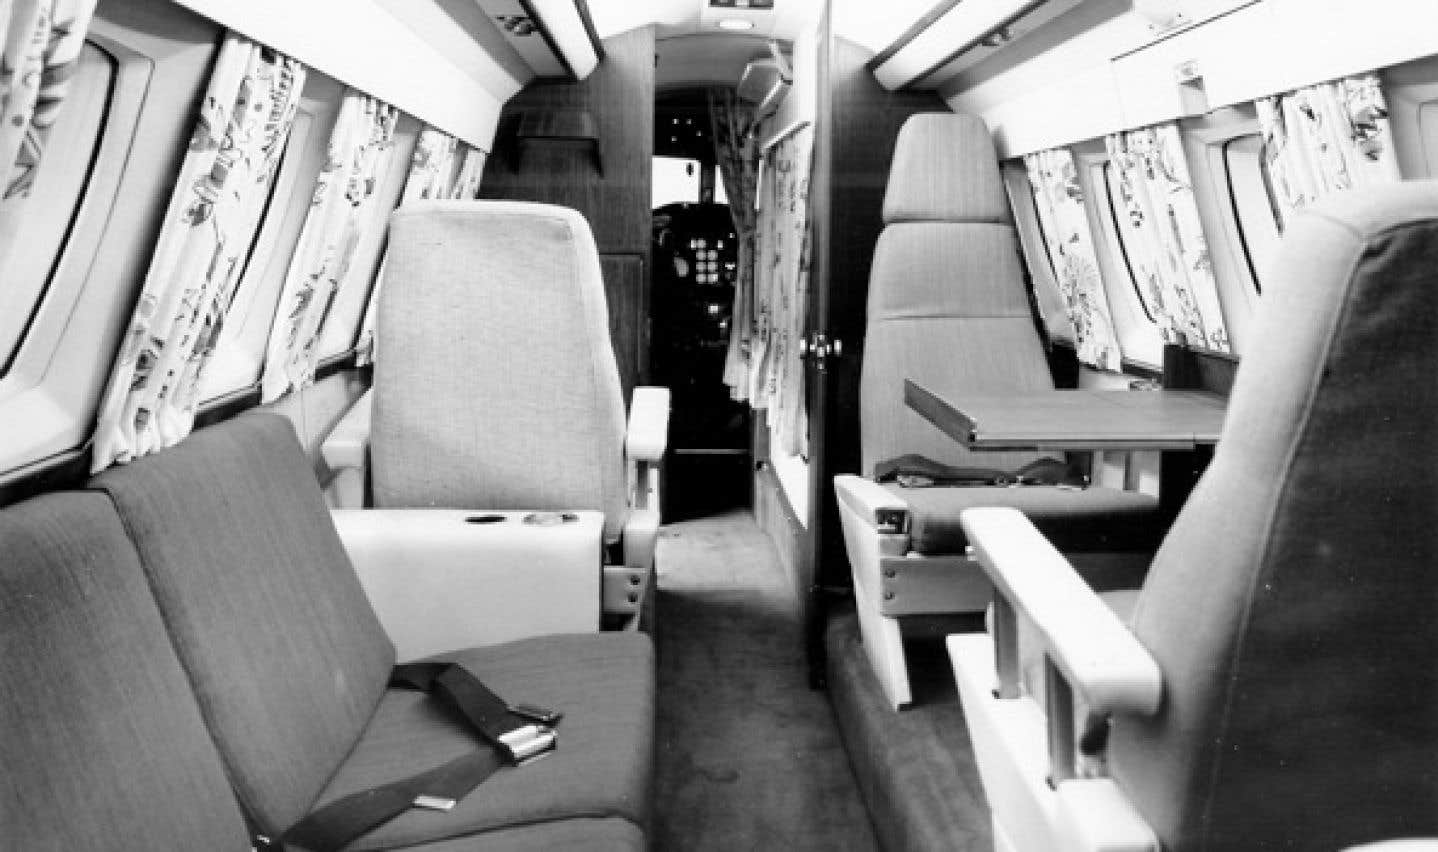 Le «petit jet» acquis en 1964 peut accueillir jusqu'à sept passagers, deux pilotes et un «steward». En plus des membres du gouvernement, il doit servir au transport des prisonniers et des malades.